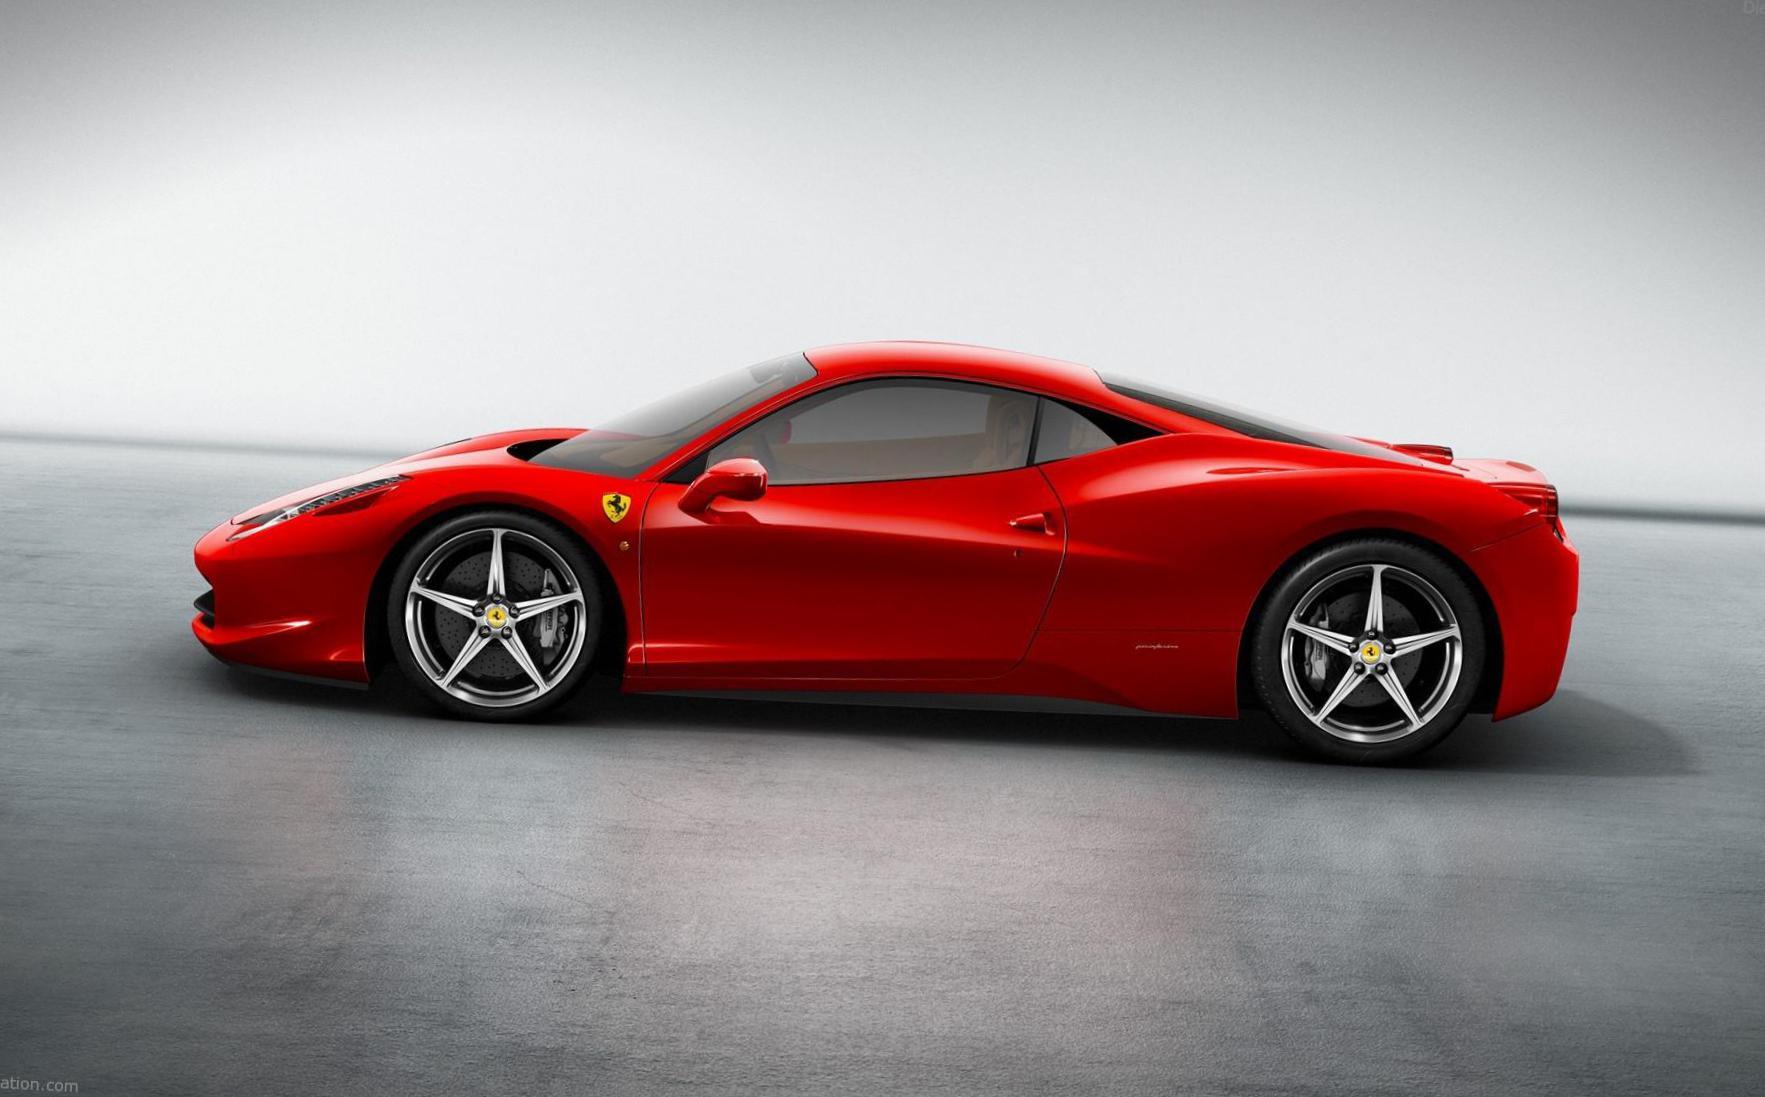 Ferrari 458 Italia Photos And Specs Photo Ferrari 458 Italia Prices And 28 Perfect Photos Of Ferrari 458 Italia